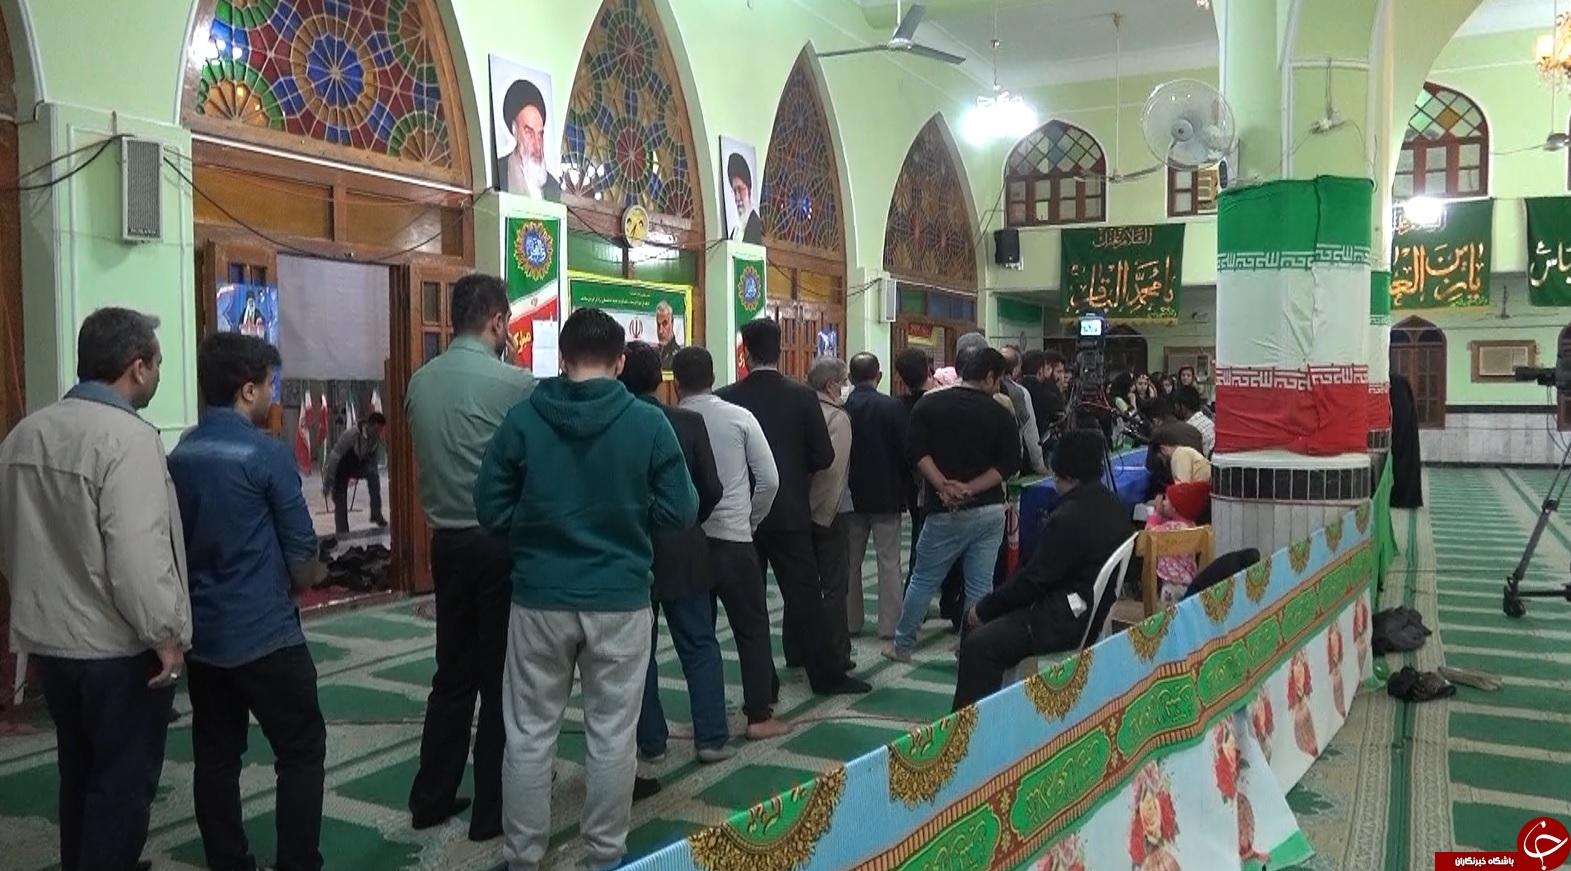 انتخابات مجلس؛ افزایش حضور مردم پای صندوقهای رای در آخرین زمان رای گیری